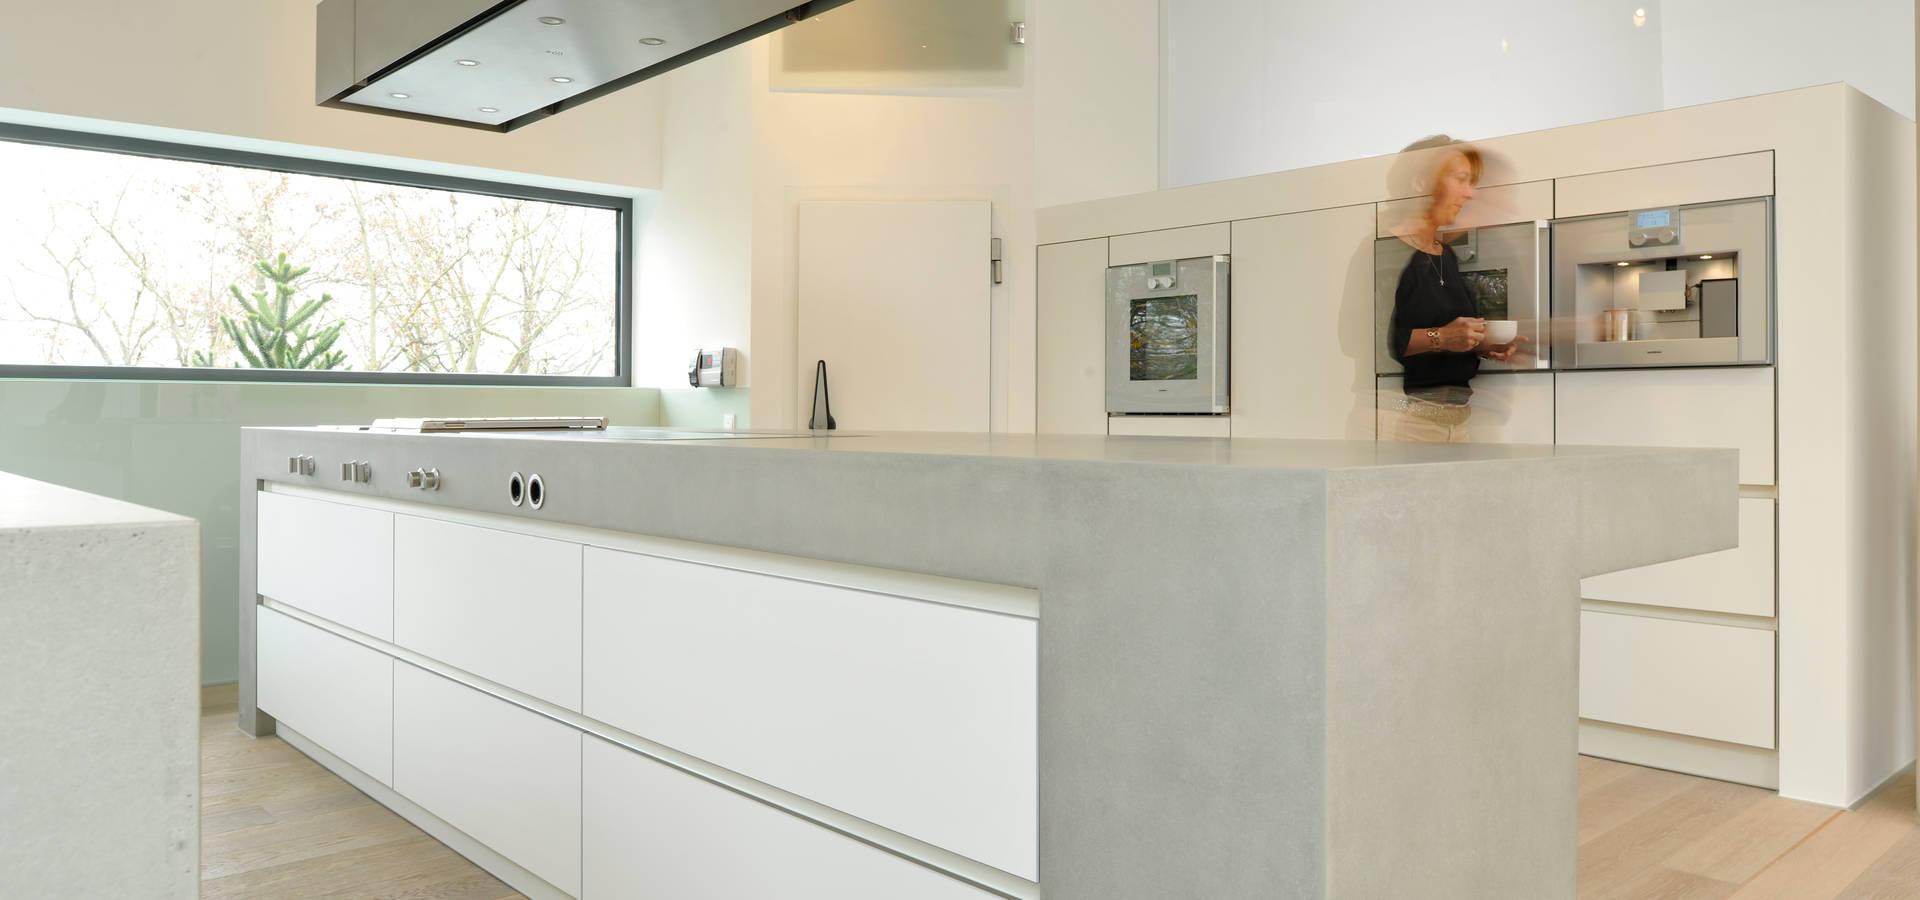 p2 ww k chen design por walter wendel homify. Black Bedroom Furniture Sets. Home Design Ideas